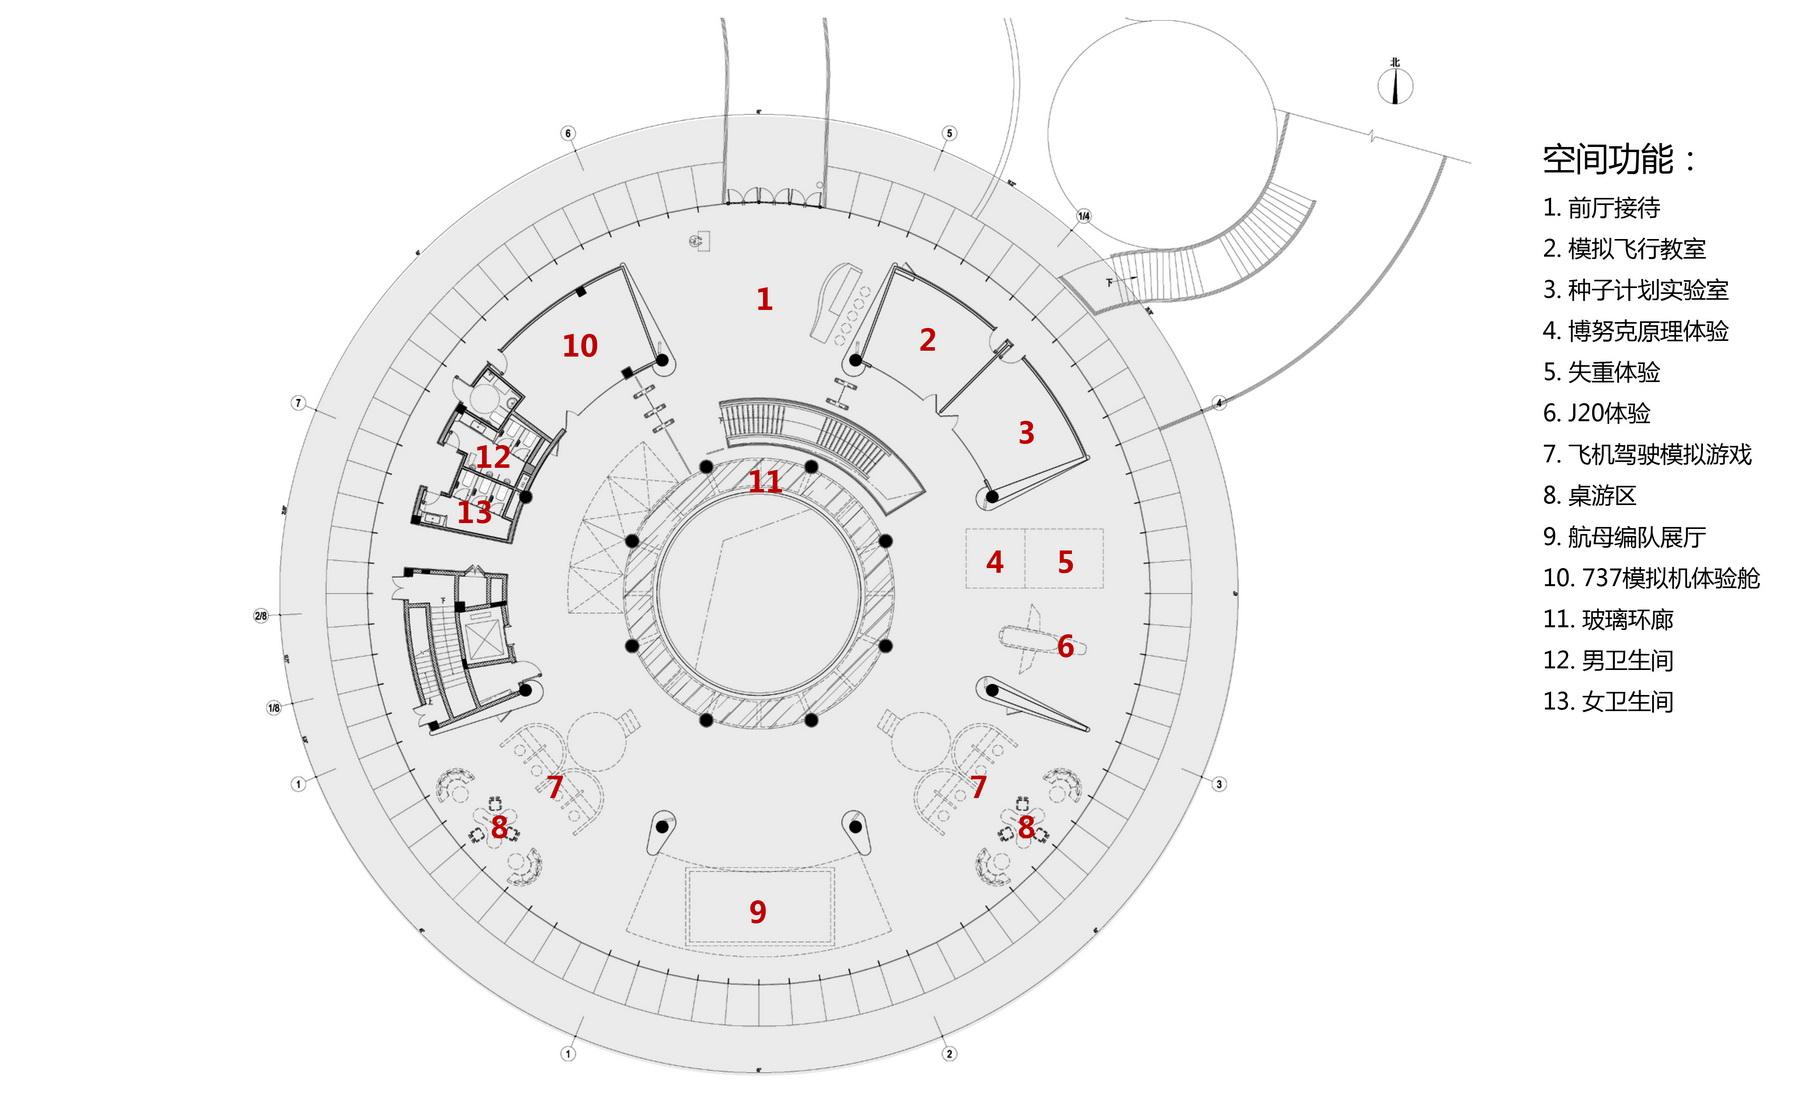 恩平•泉林黄金小镇 规划设计  /  骏地设计